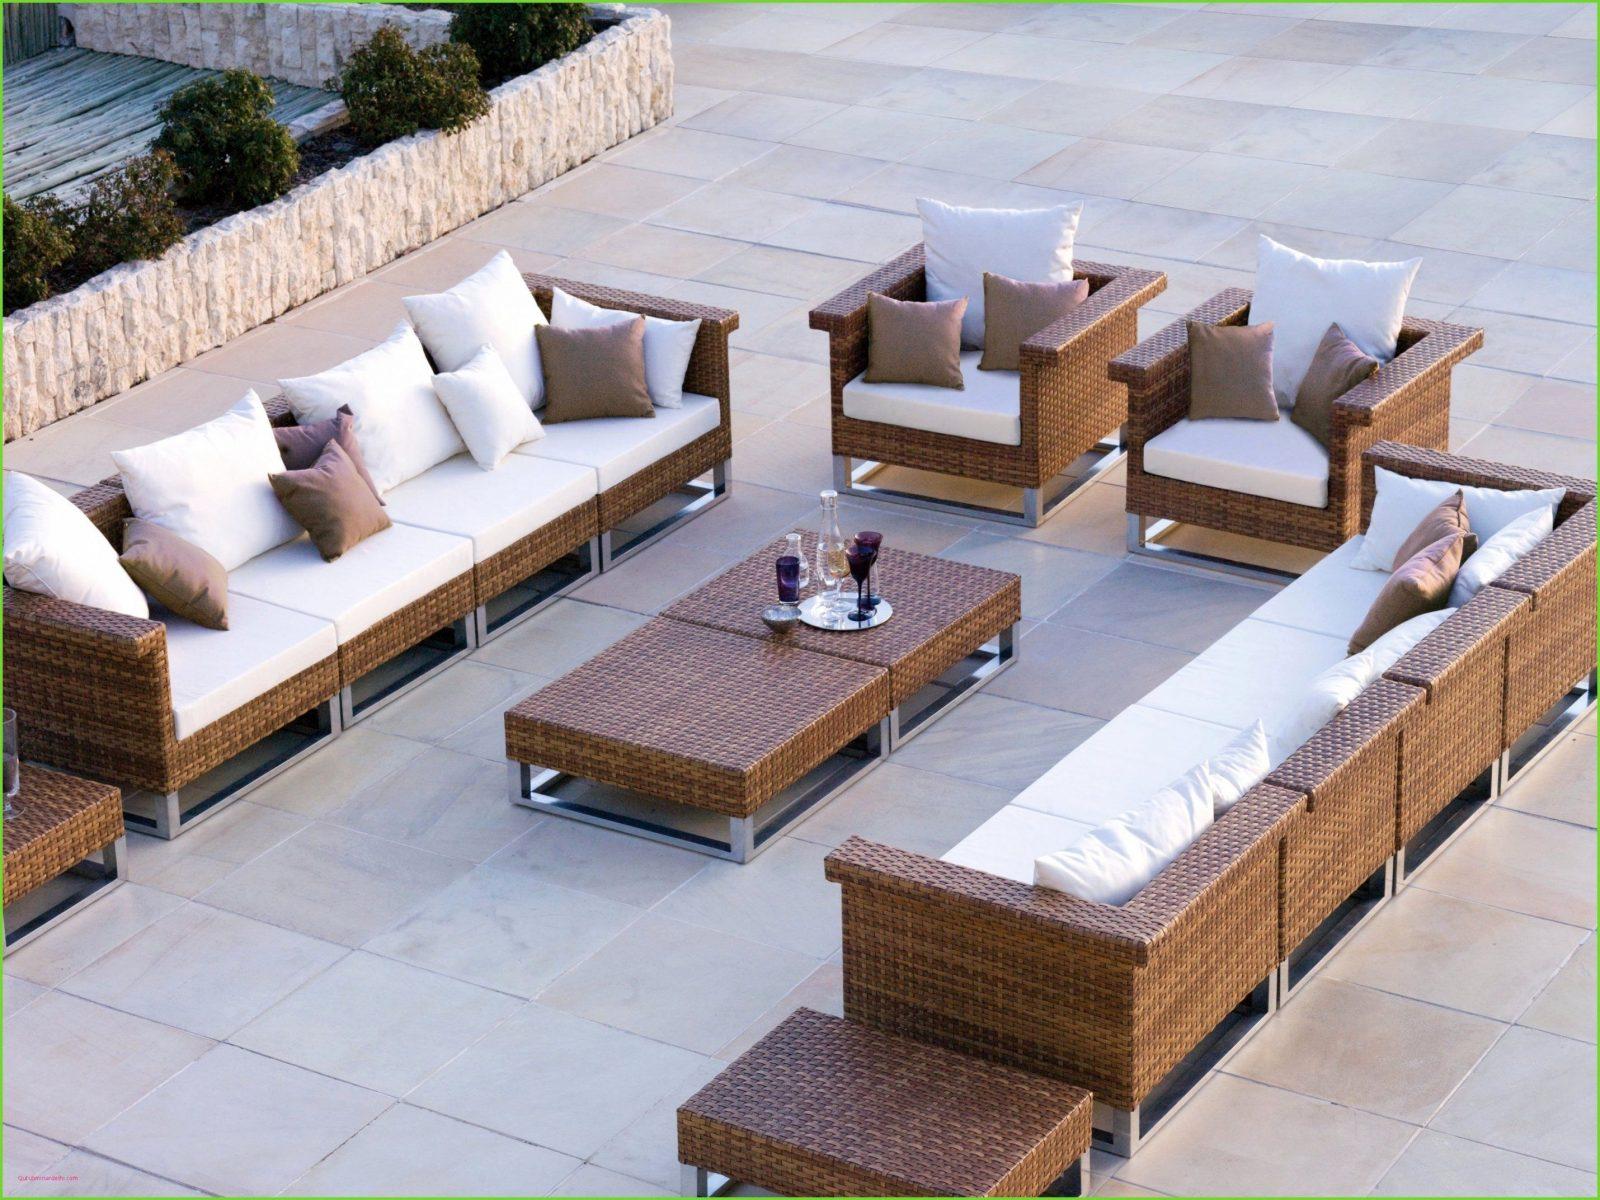 Perfekt Ungewöhnlich Balkonmöbel Selber Machen Ideen Die Besten Für von Balkonmöbel Selber Bauen Ideen Bild